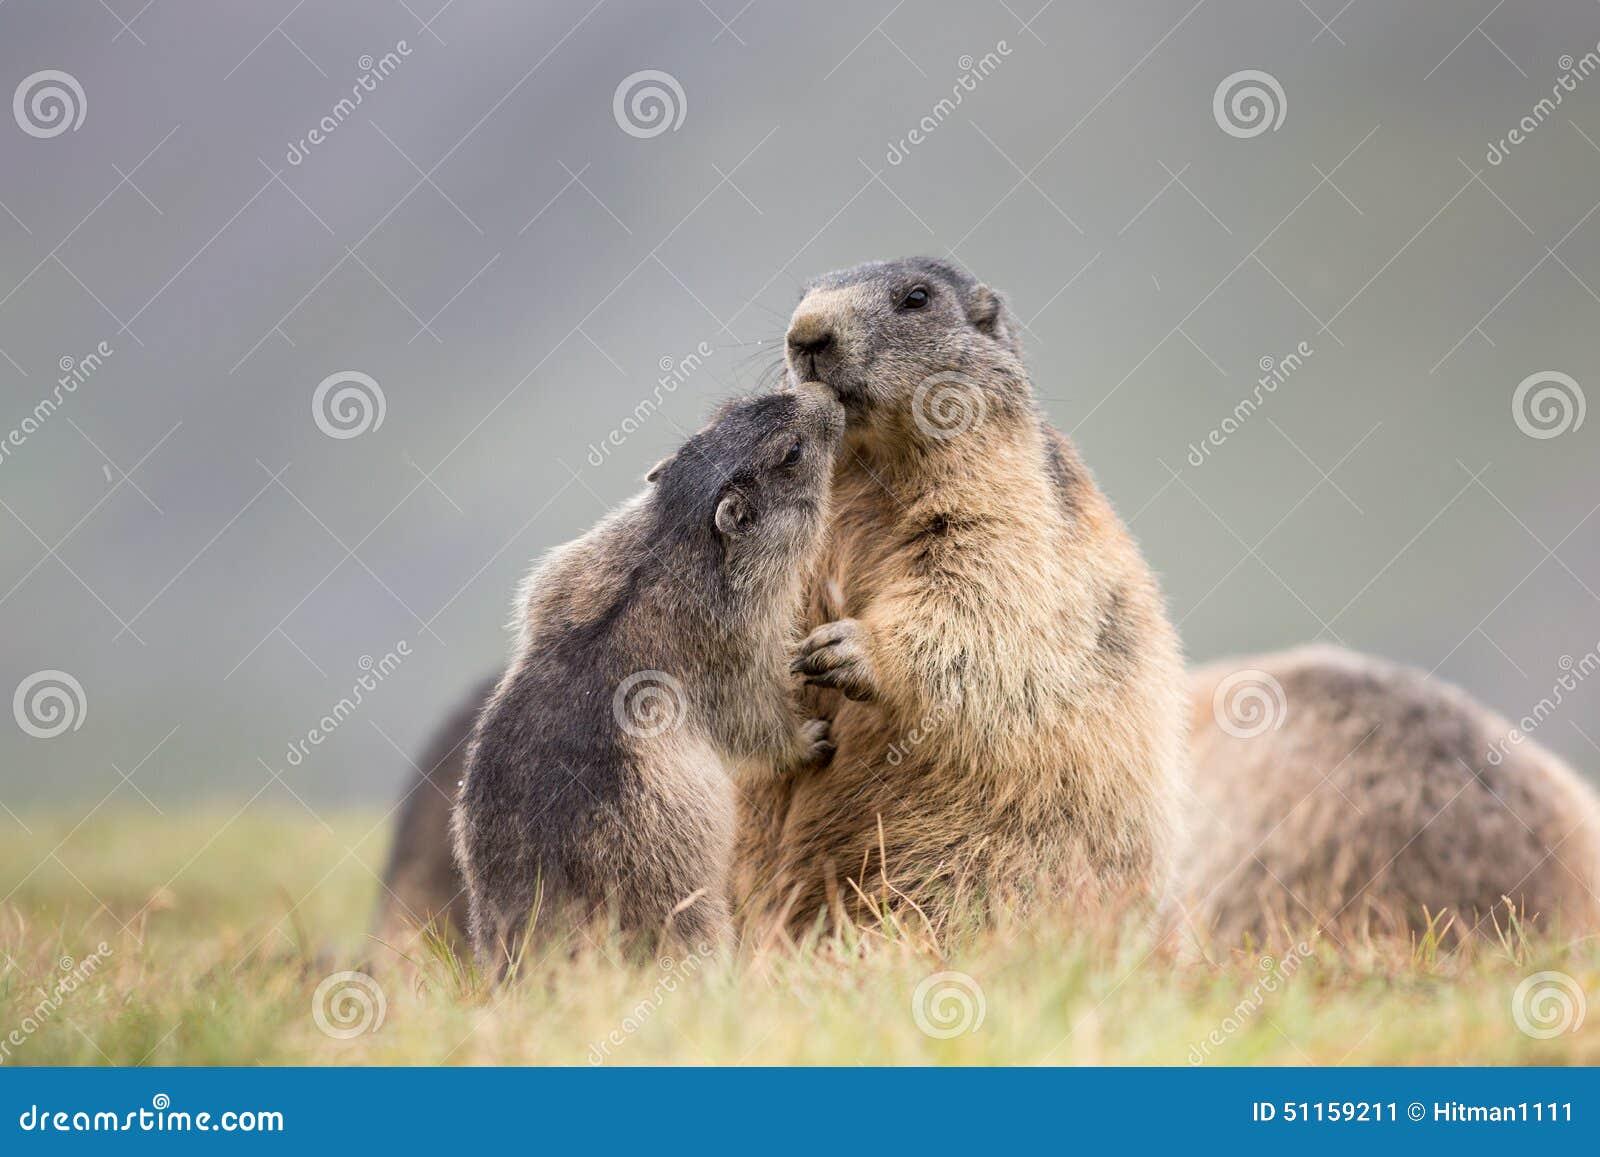 土拨鼠大叫表情动图_土拨鼠大叫美女动图早上好表情v表情表情动画图片